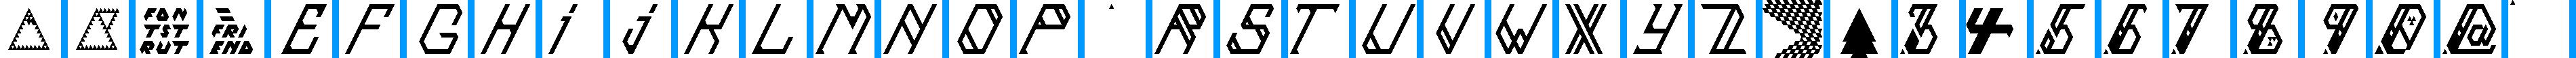 Particip-a-type v.330